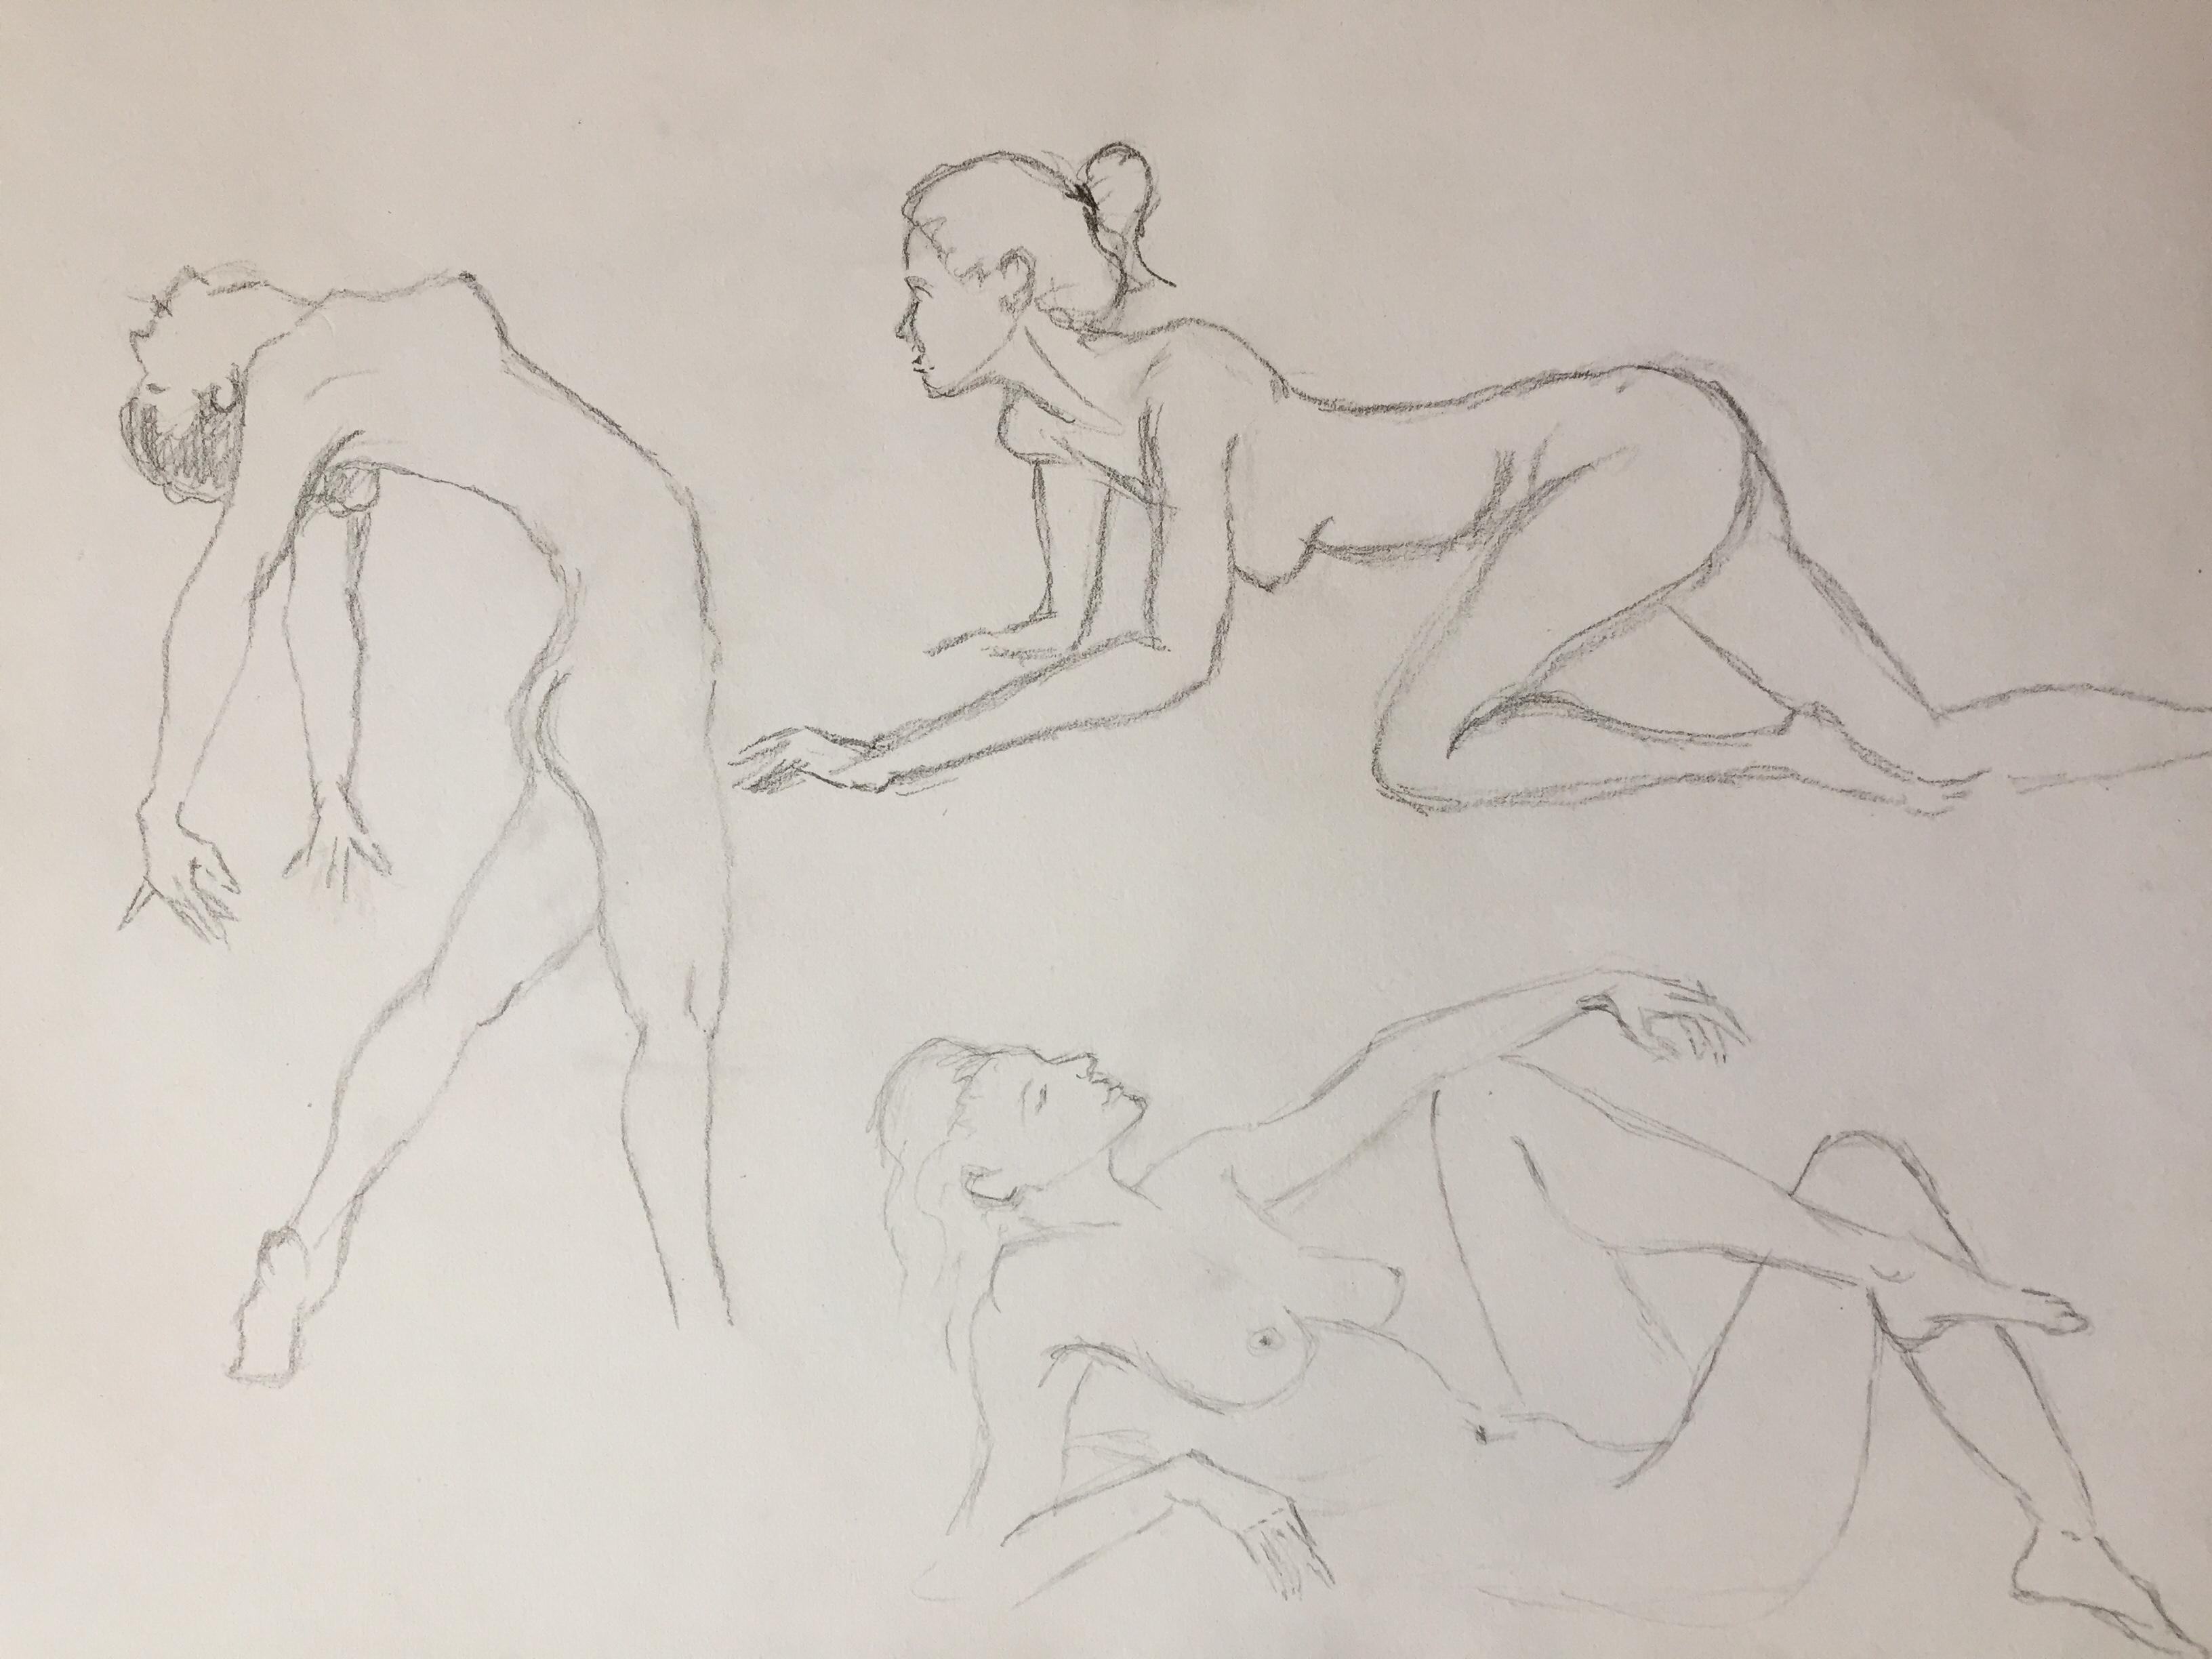 Étude position corps femme dessin  cours de dessin